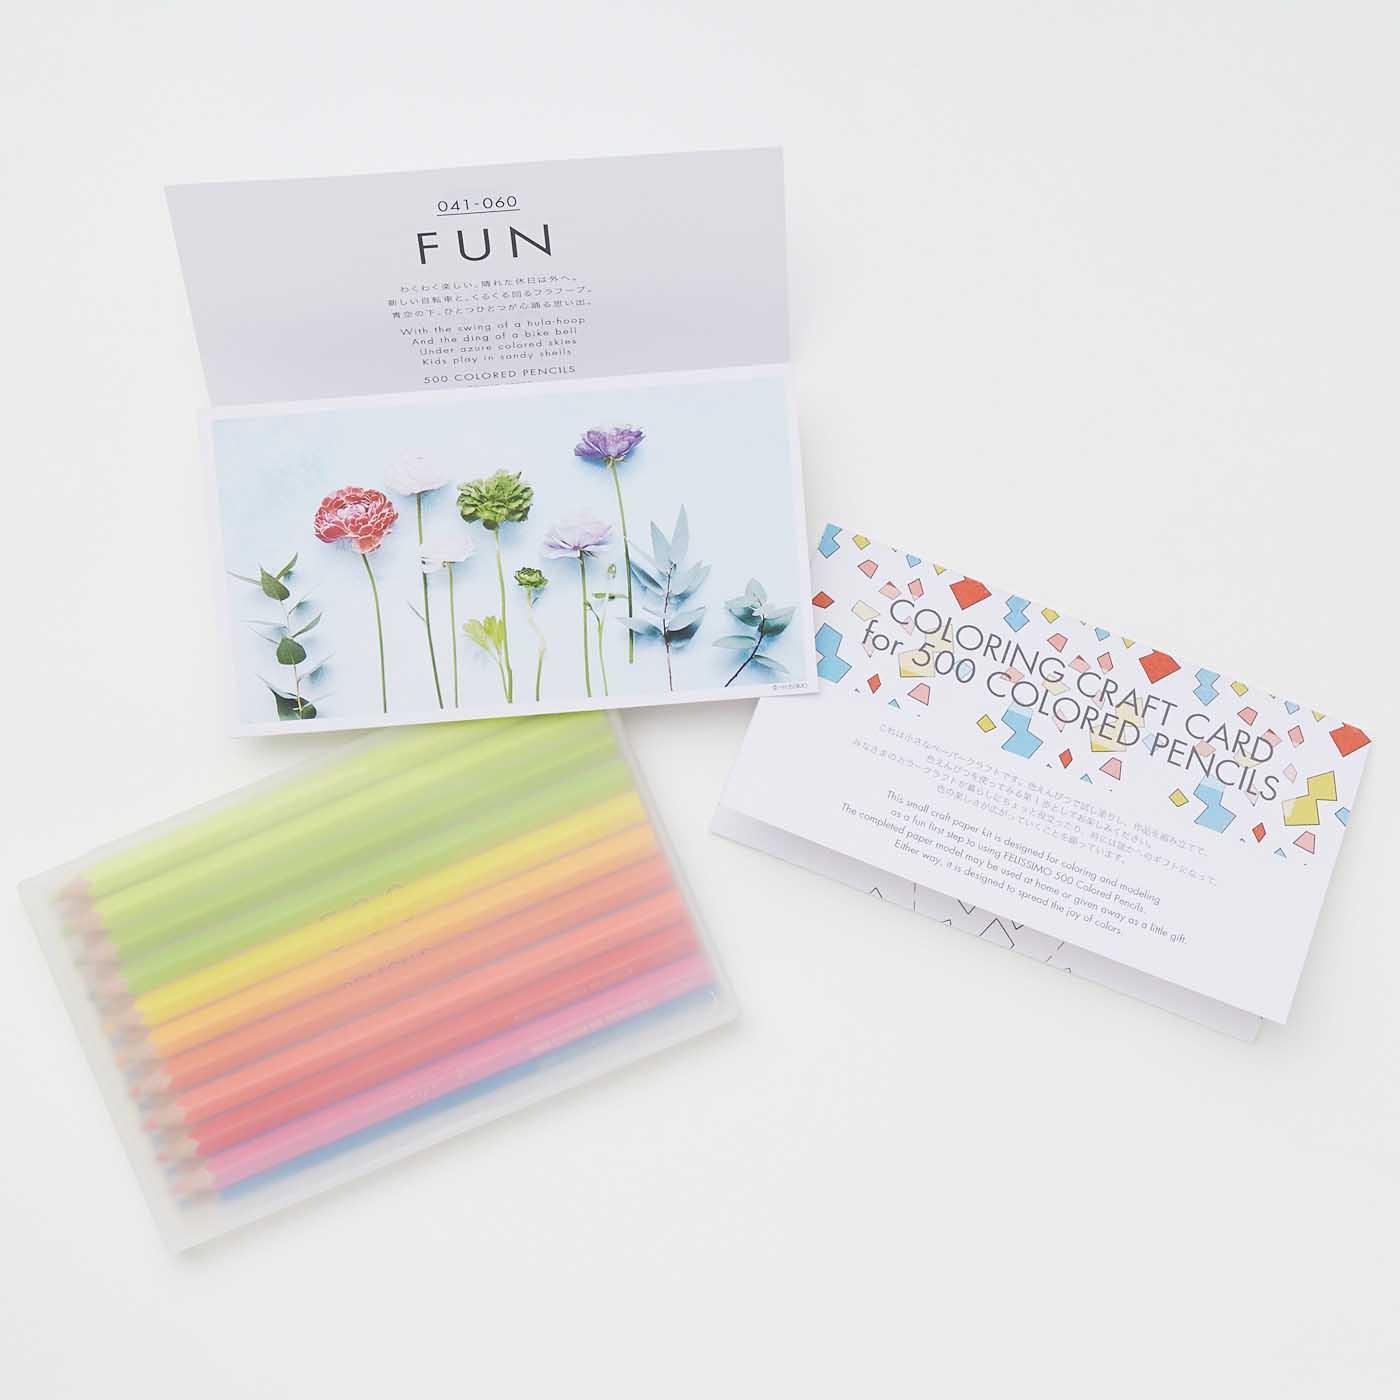 持ち運びにも便利な、半透明の美しいペンケース入り。英語のなまえを楽しく翻訳した情報カードと、色えんぴつを使う第一歩になるぬり絵のクラフトカードもお届け。